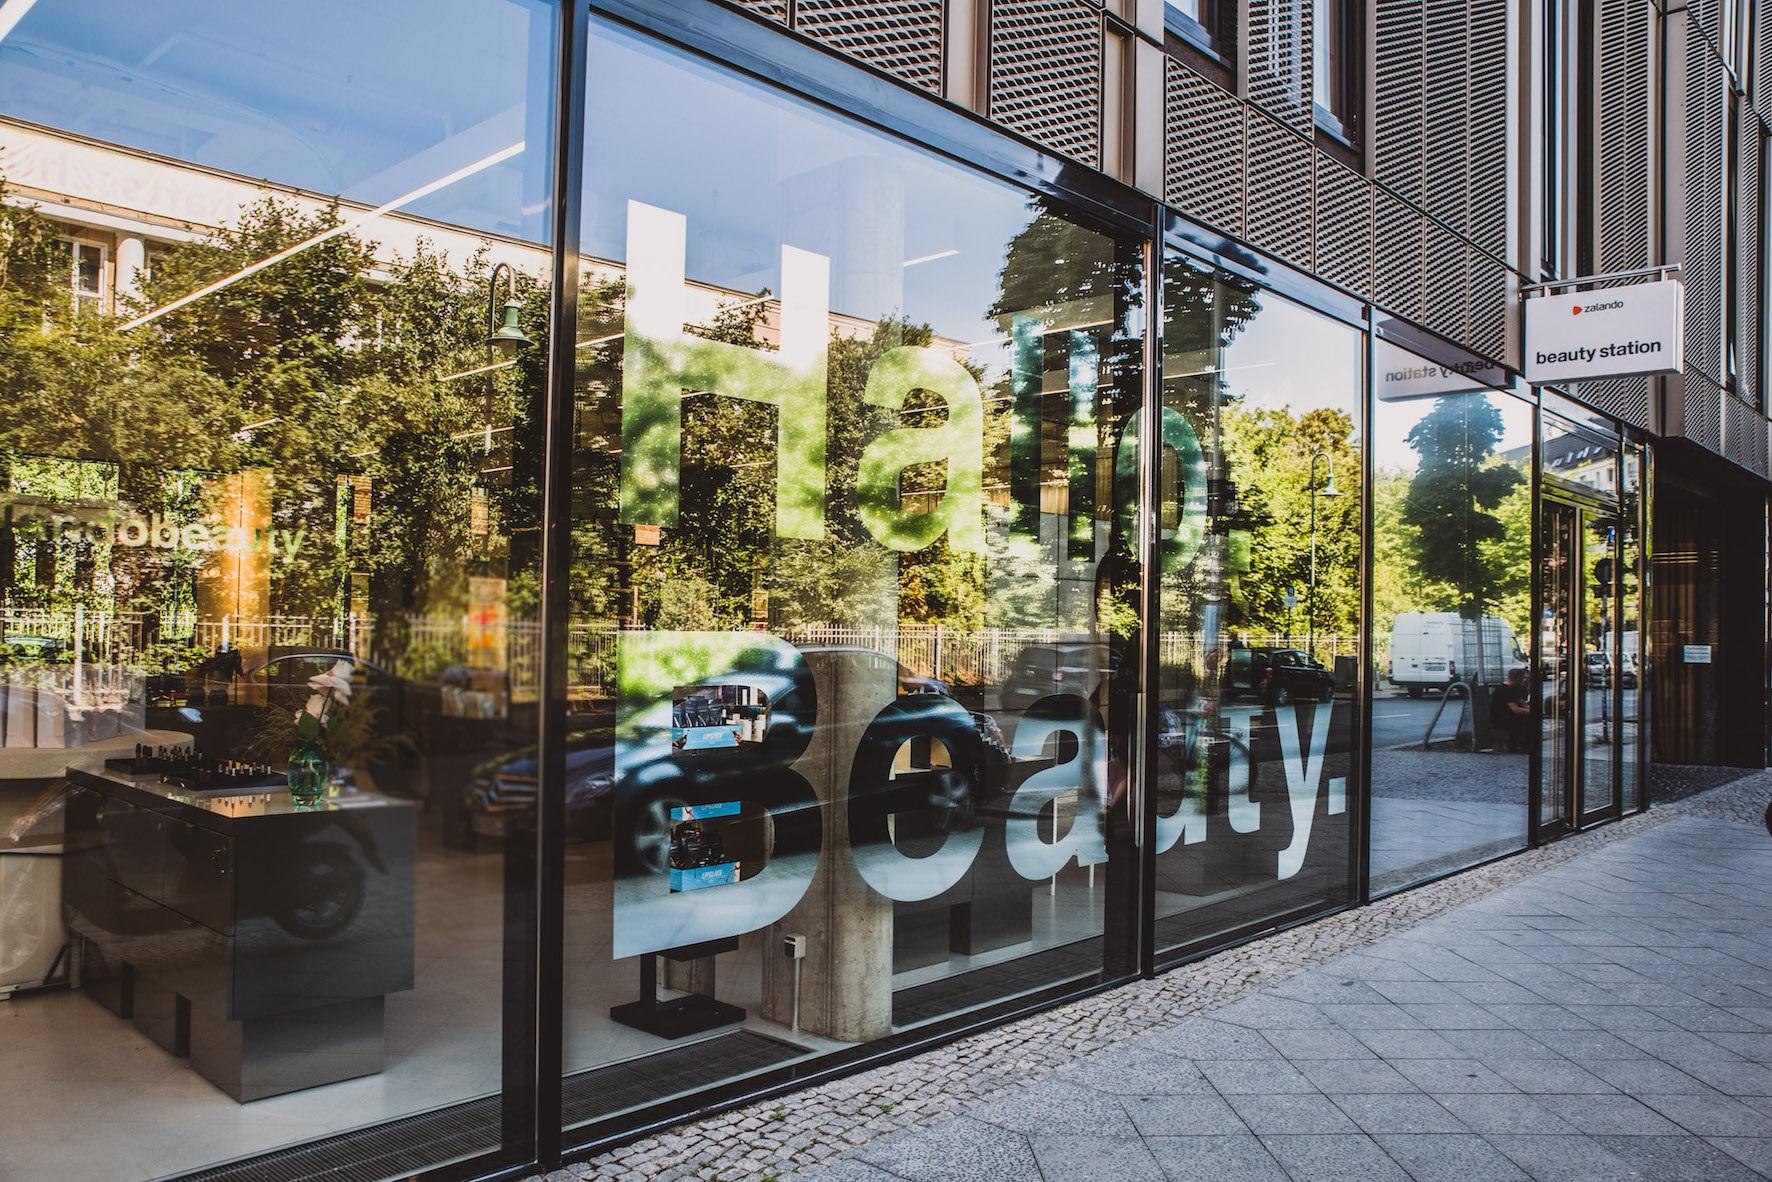 431a03ea2e1 In questa occasione ha annunciato la disponibilità dei principali brand  Estée Lauder – M.A.C Cosmetics, Estée Lauder, Clinique e Origins – sia  online sia ...